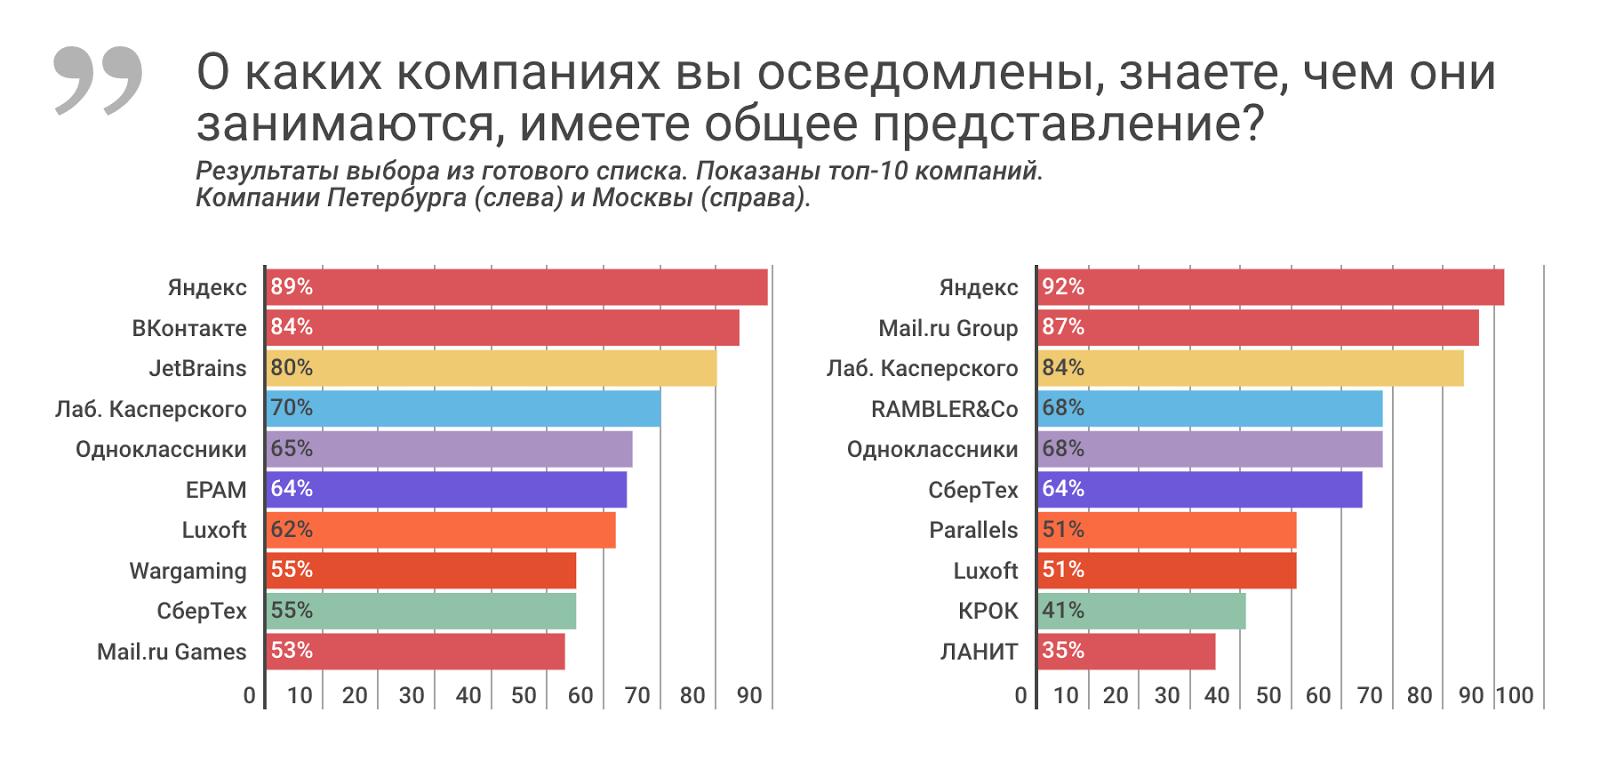 Рейтинг ИТ-работодателей Санкт-Петербурга и Москвы: результаты опроса разработчиков - 5